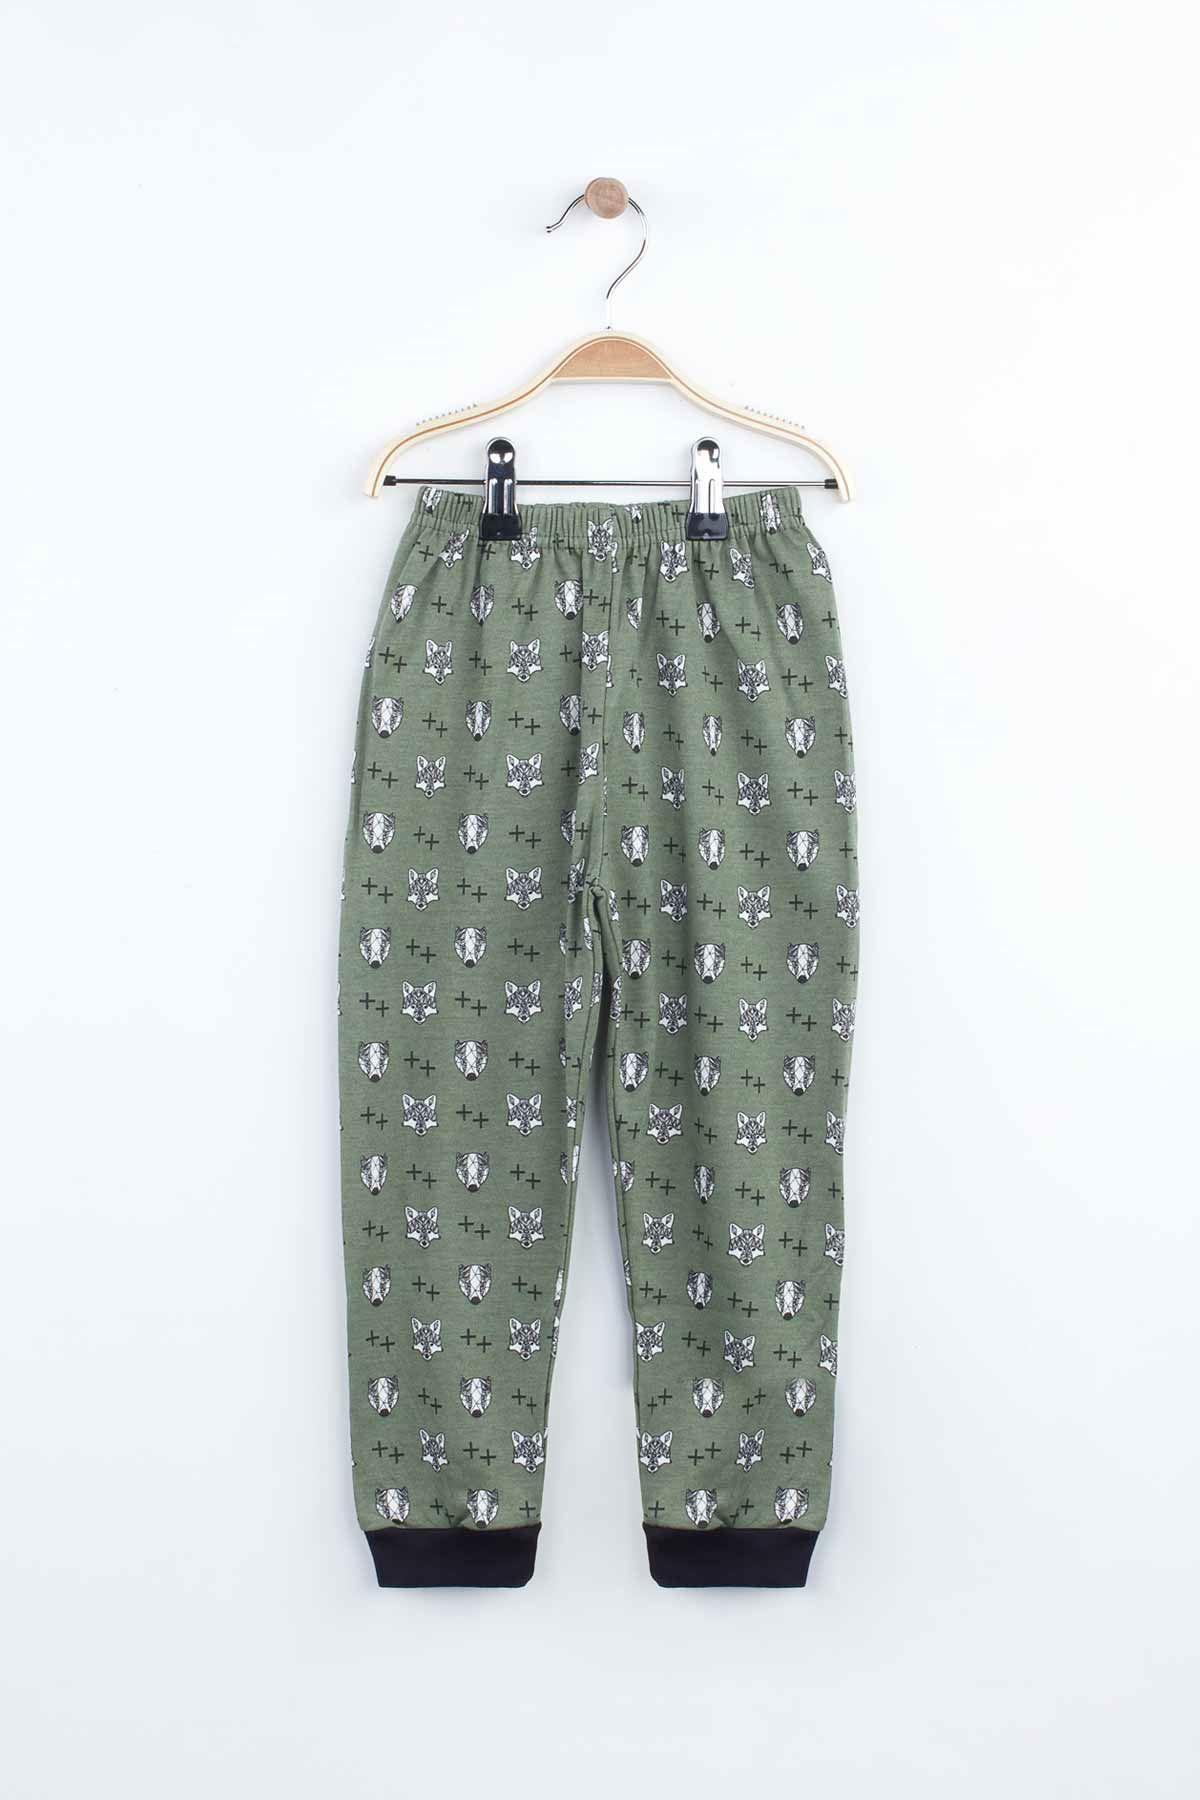 Smoked Boys Girls Pajamas Set Bottom Pajamas Top Pajamas Kids Daily Wear Homewear Cotton Comfortable Children Pajamas Sets